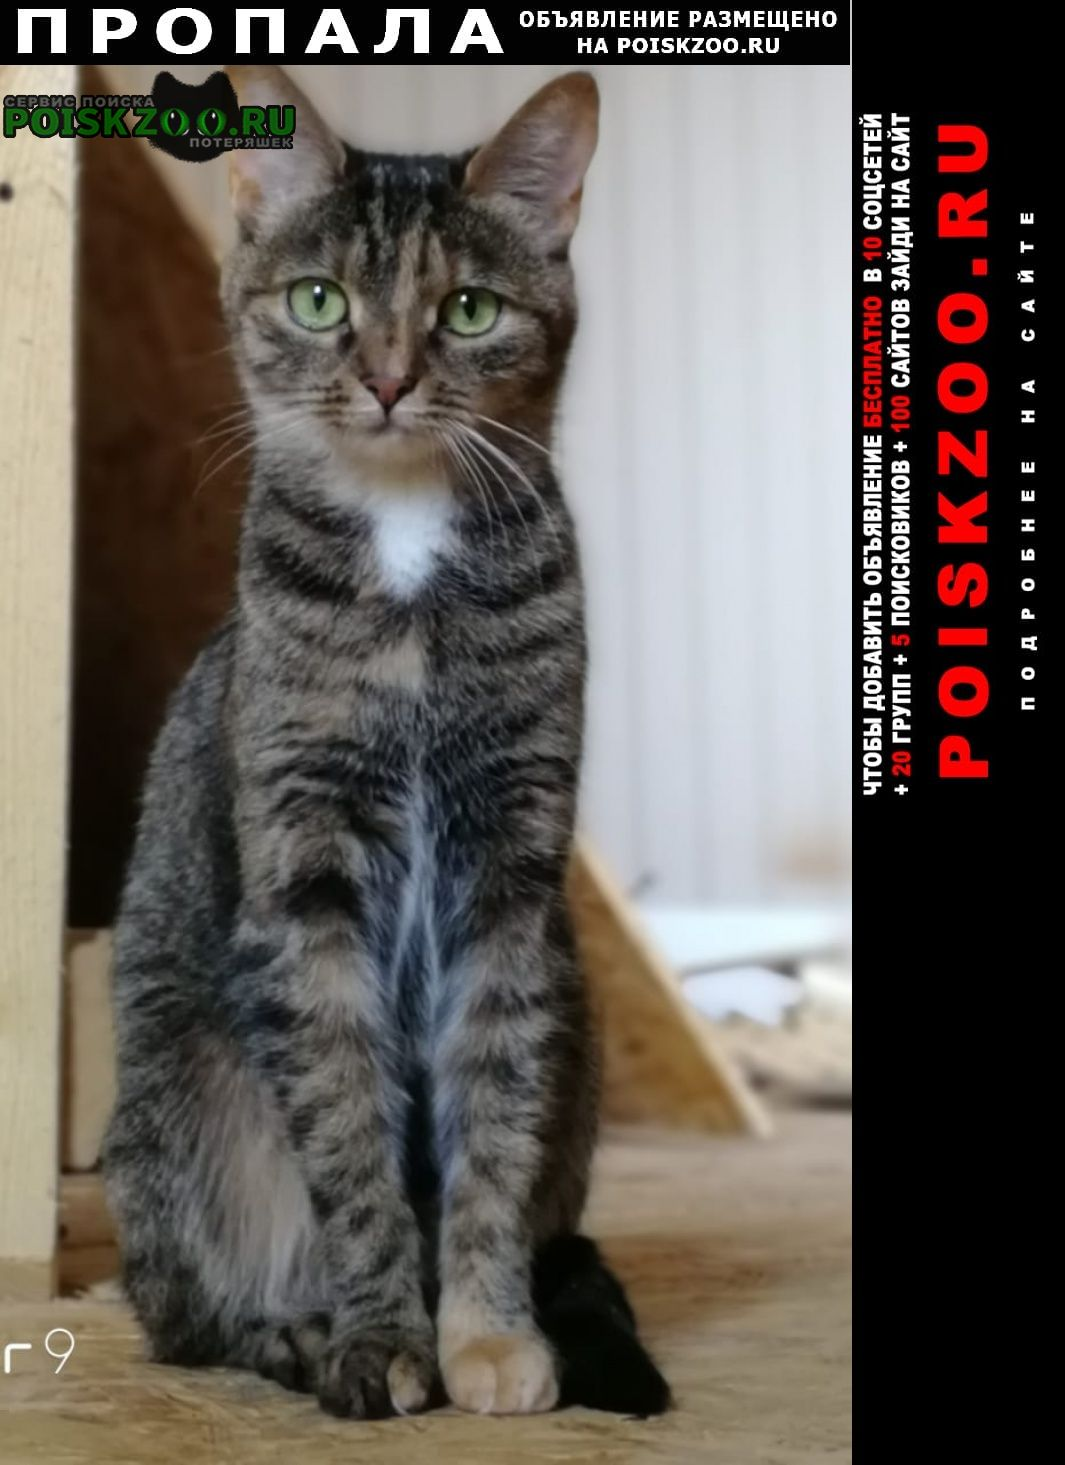 Пропала кошка срочно нужна помощь Санкт-Петербург